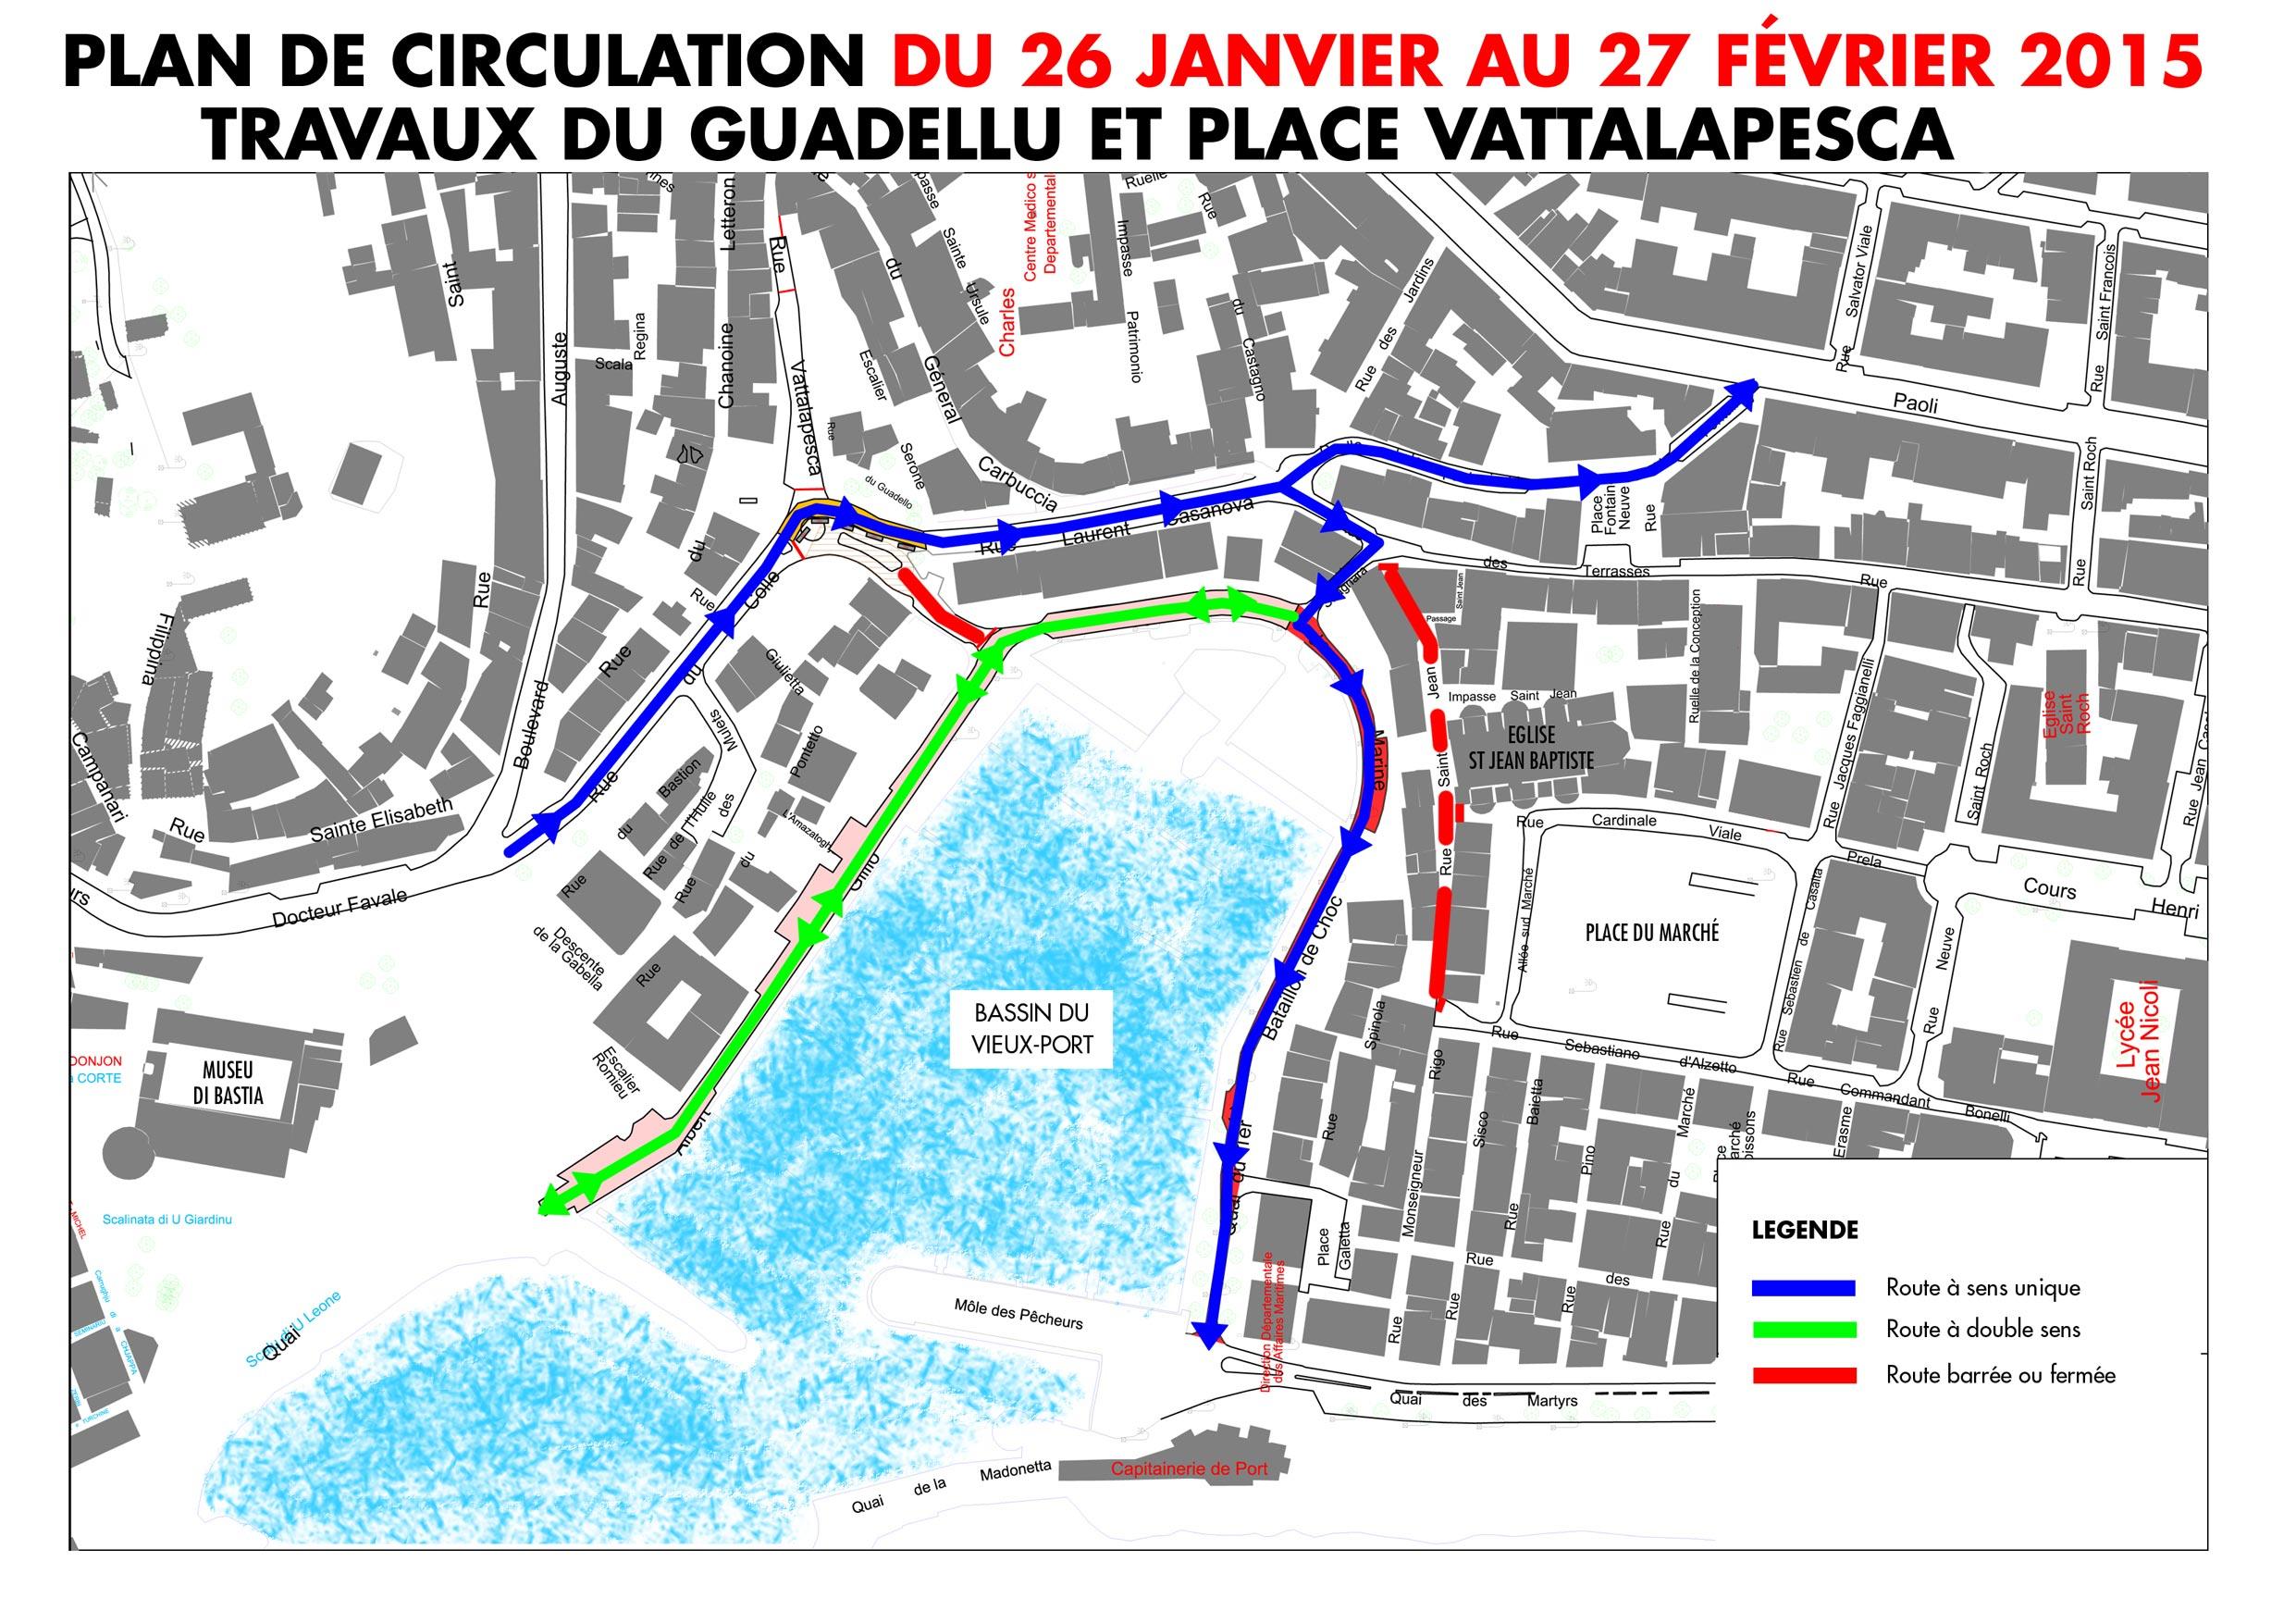 Bastia : Travaux du Guadellu et de la place Vattalapesca, un plan de circulation mis en place